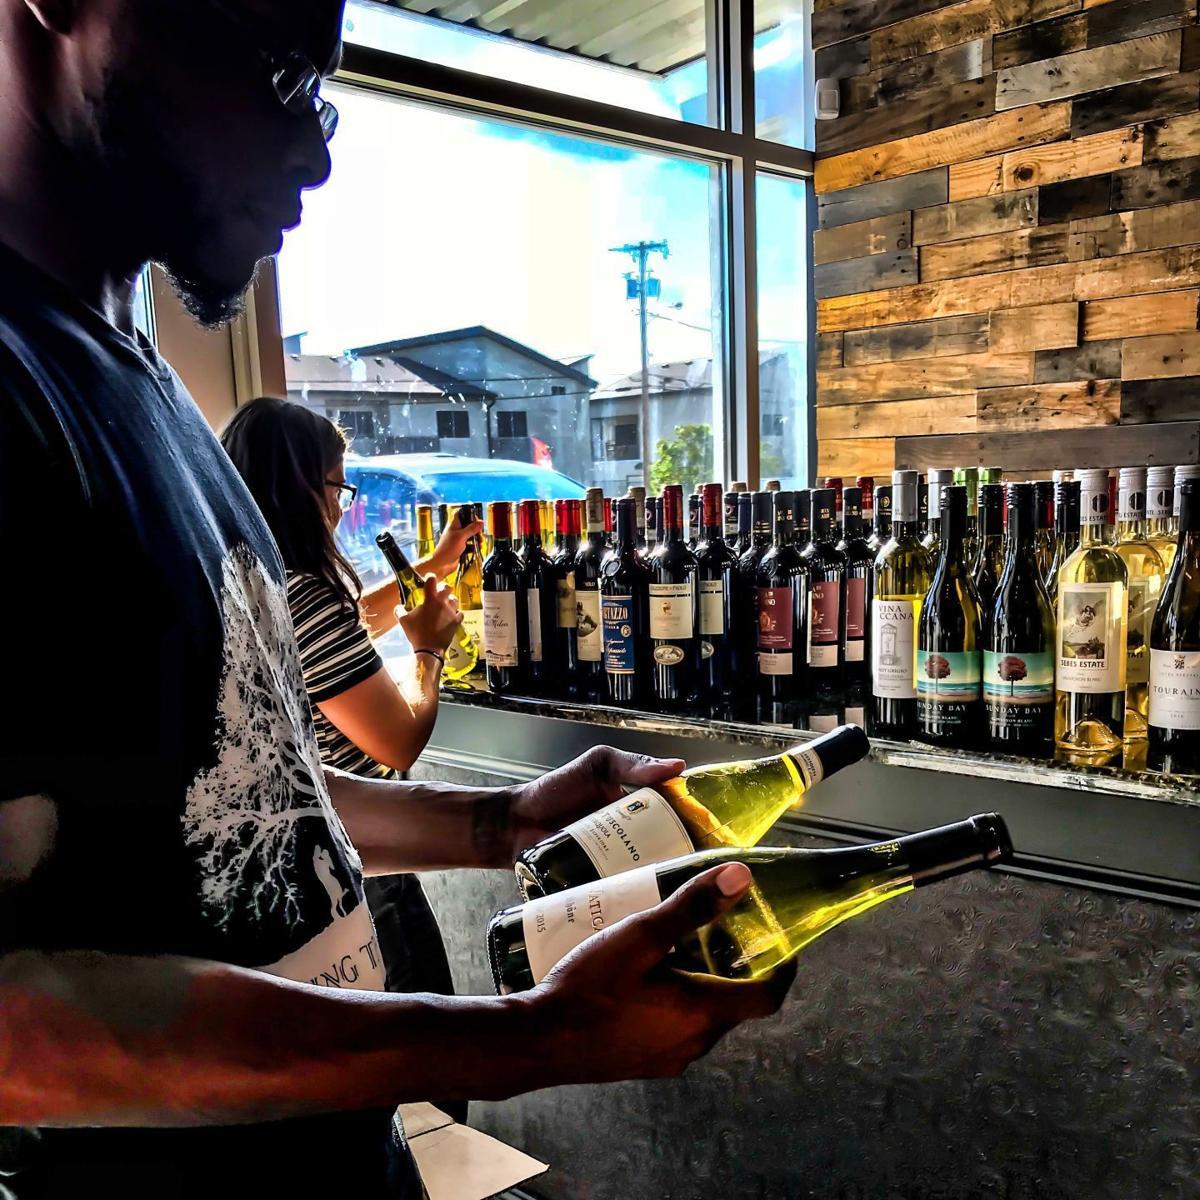 BTK wine bottles